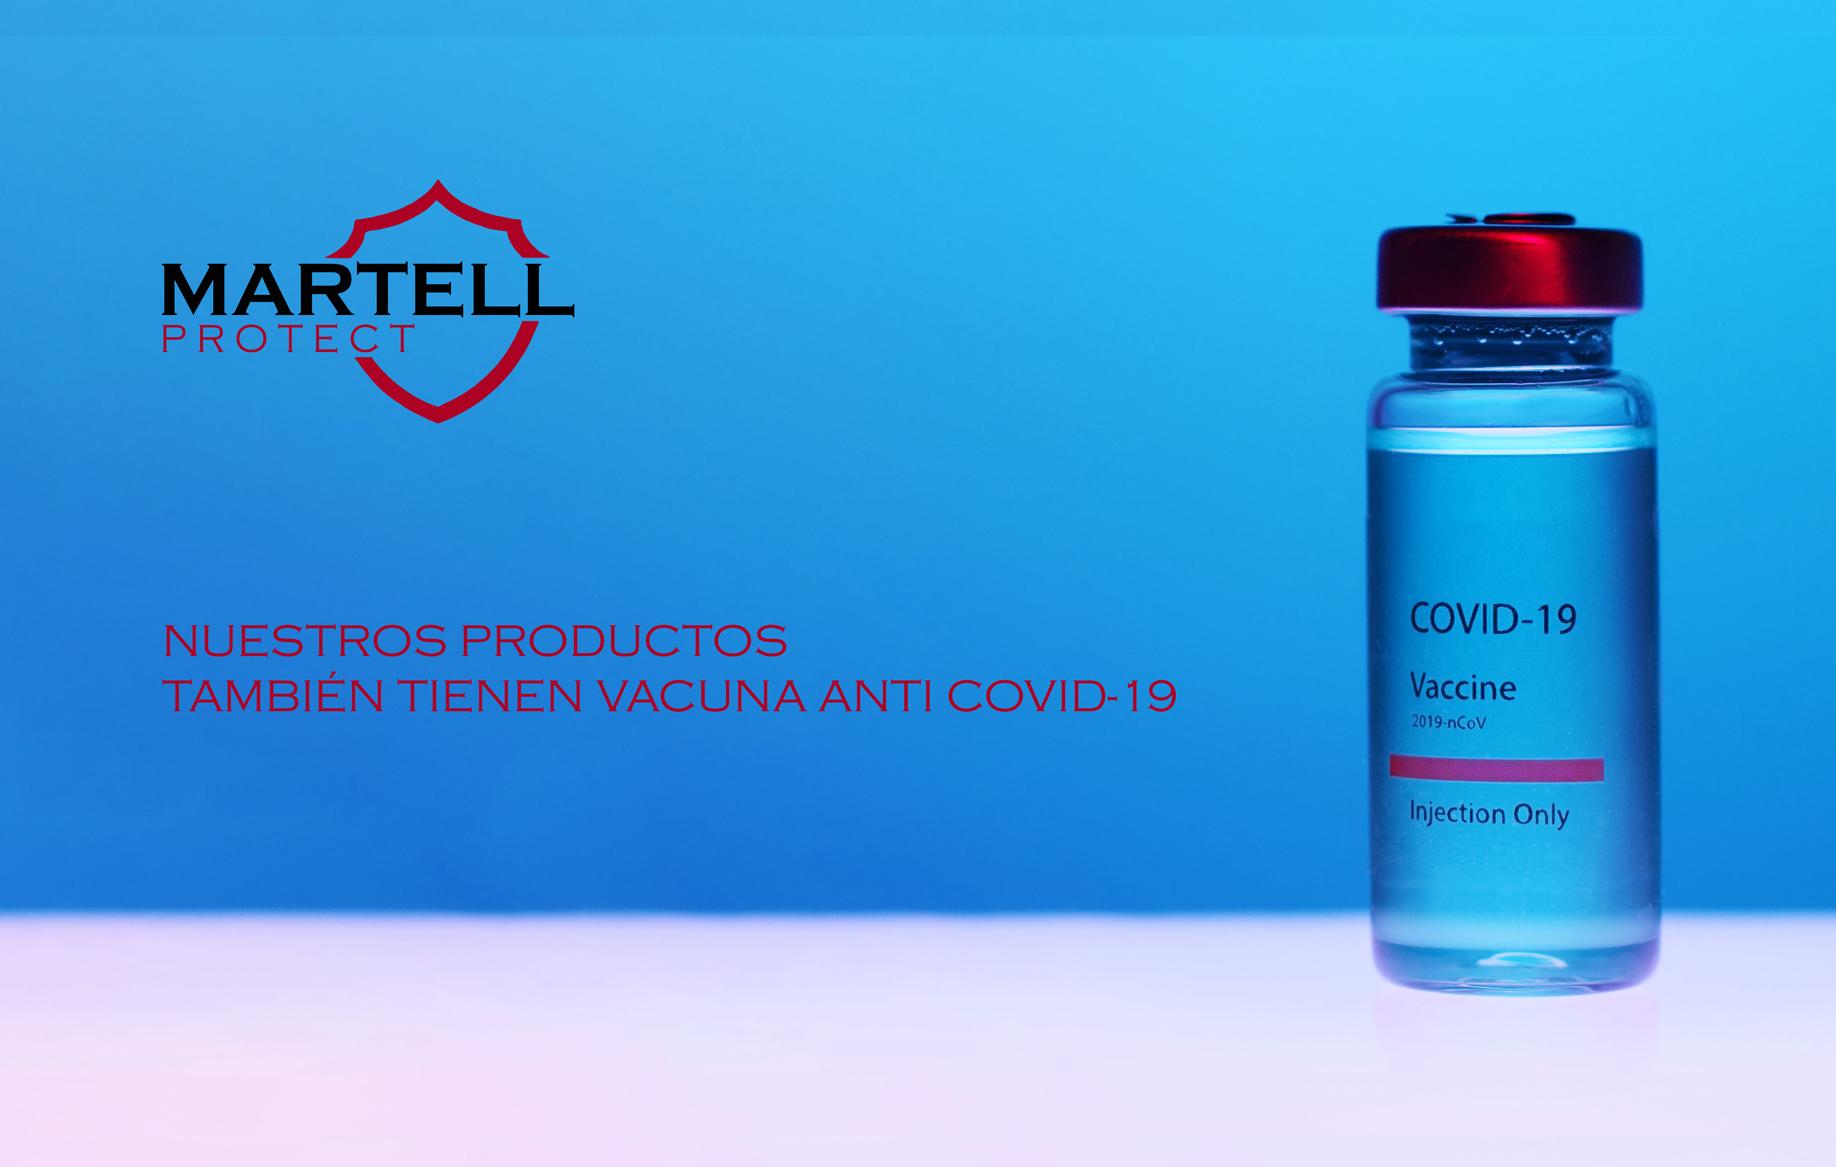 MARTELL PROTECT – CINTAS TEJIDAS CON PROTECCIÓN ANTI COVID-19